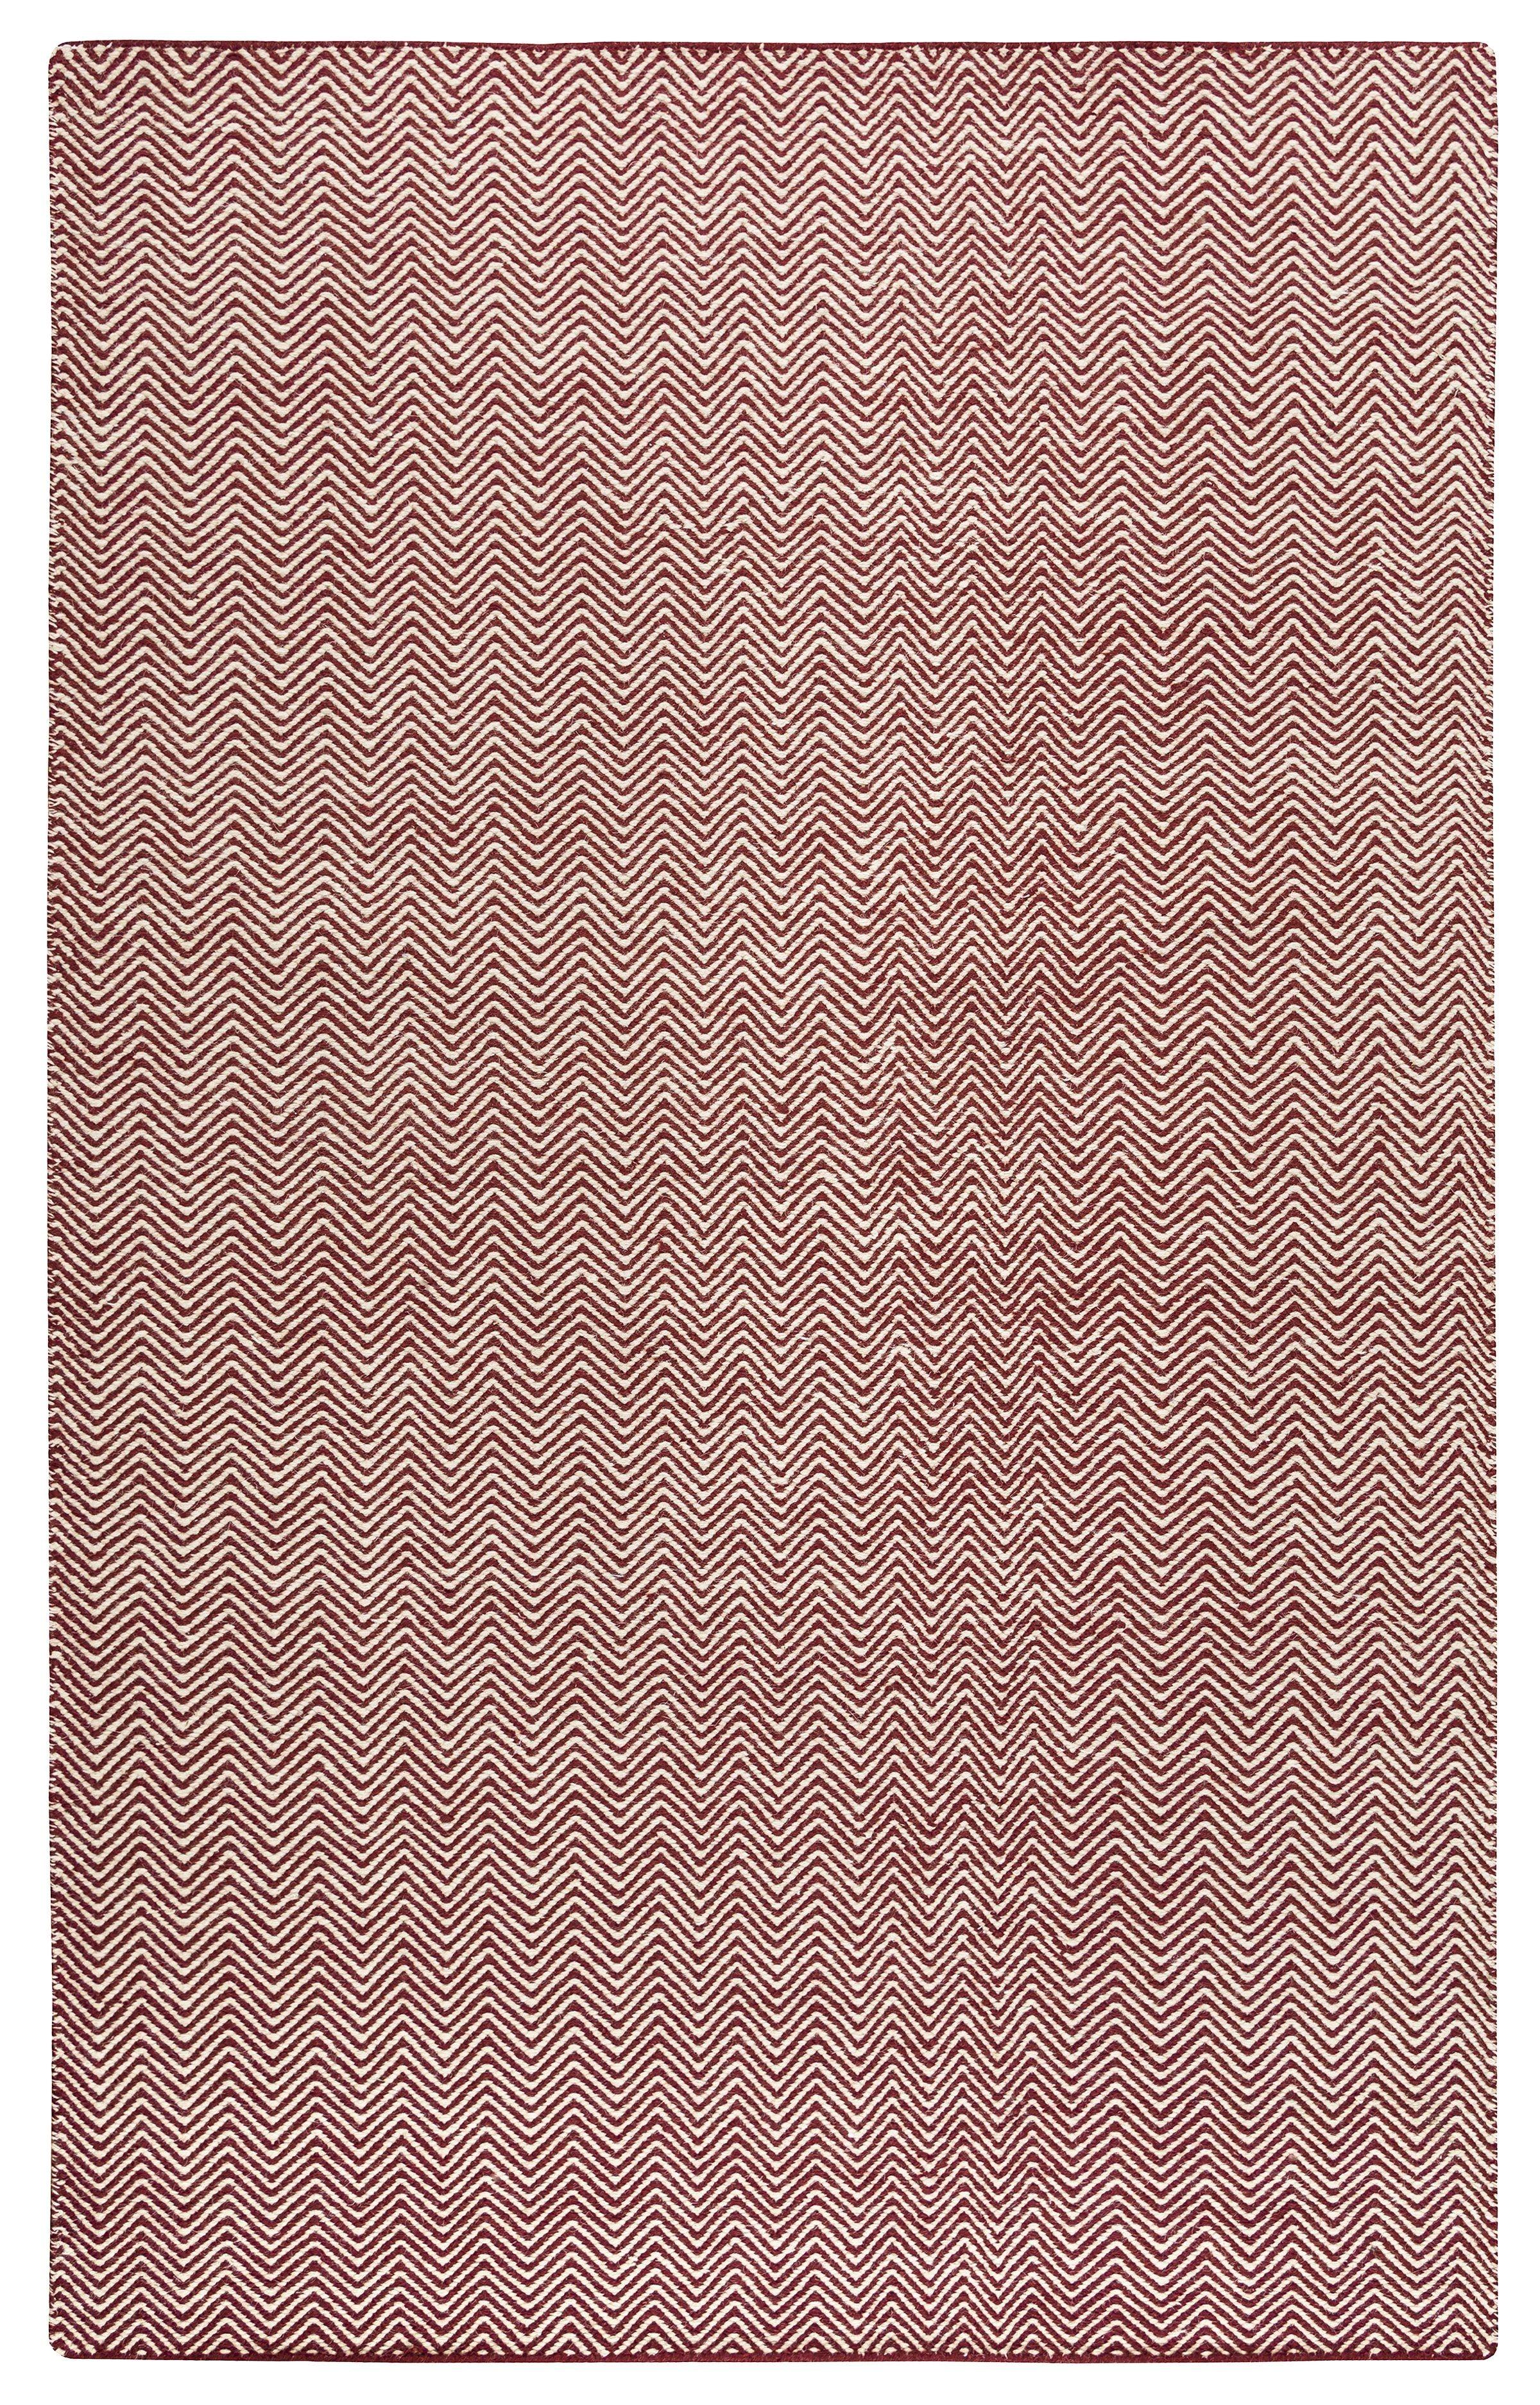 rizzy home twist tw2967 burgundy chevron area rug